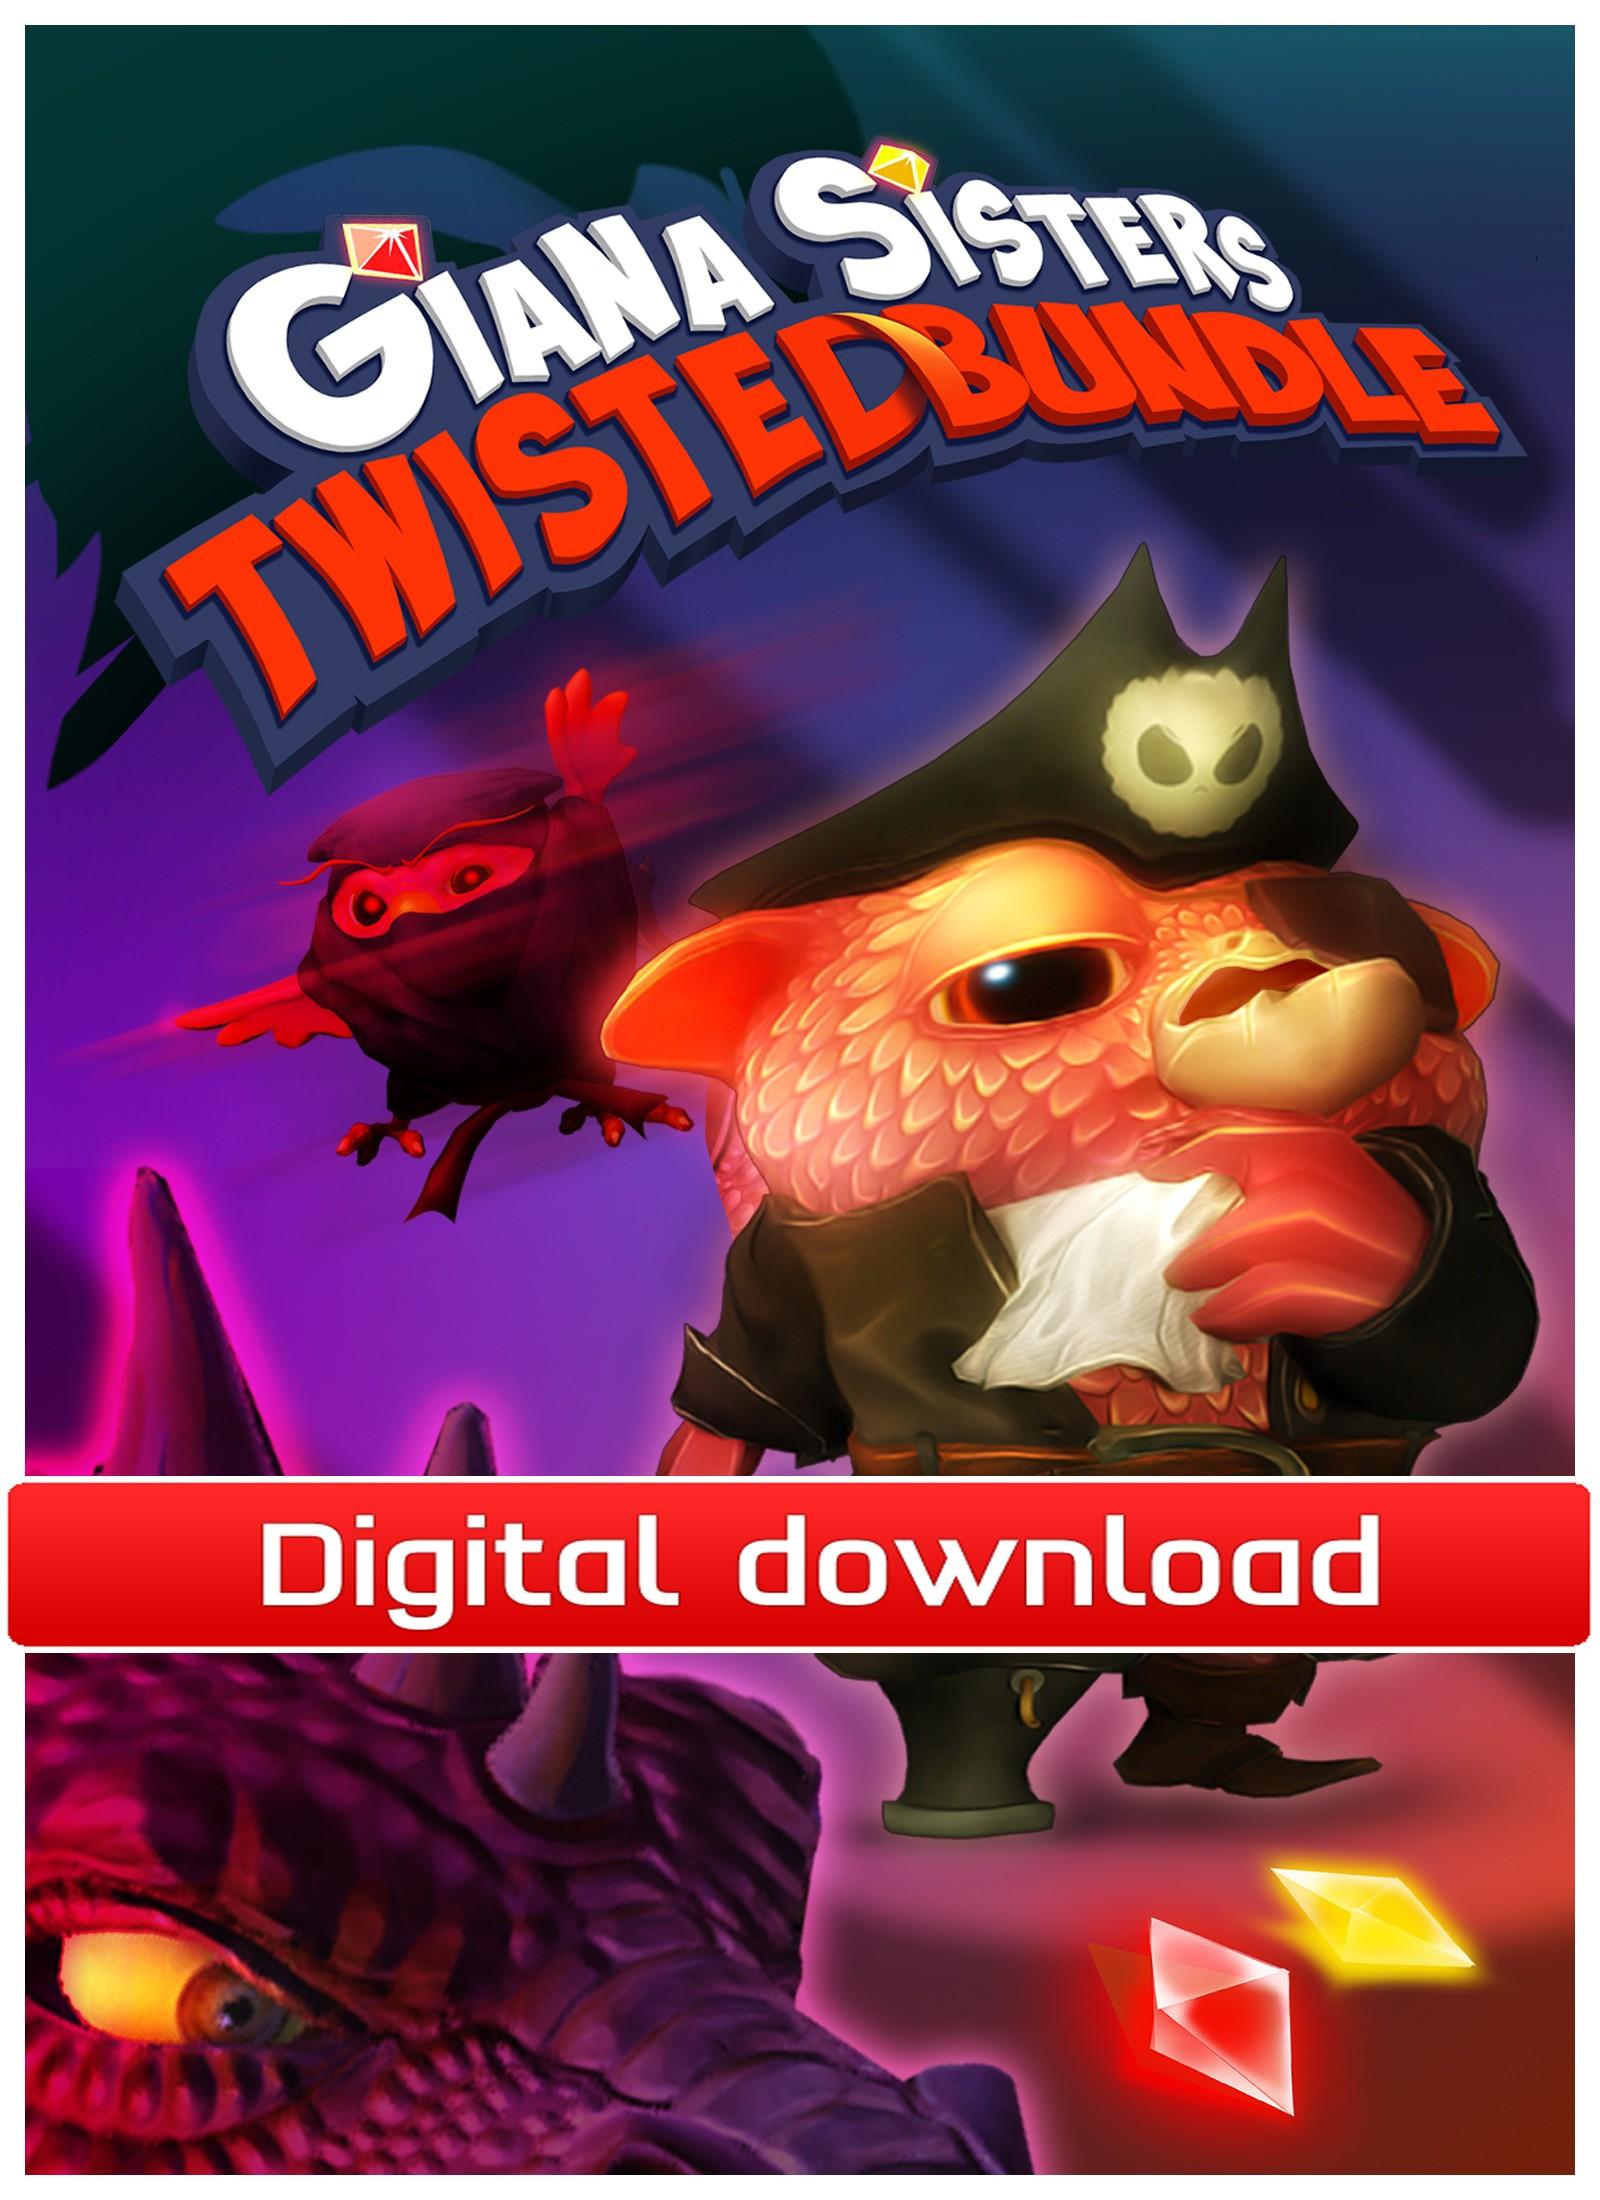 36704 : Giana Sisters: Twisted Bundle (PC nedlastning)